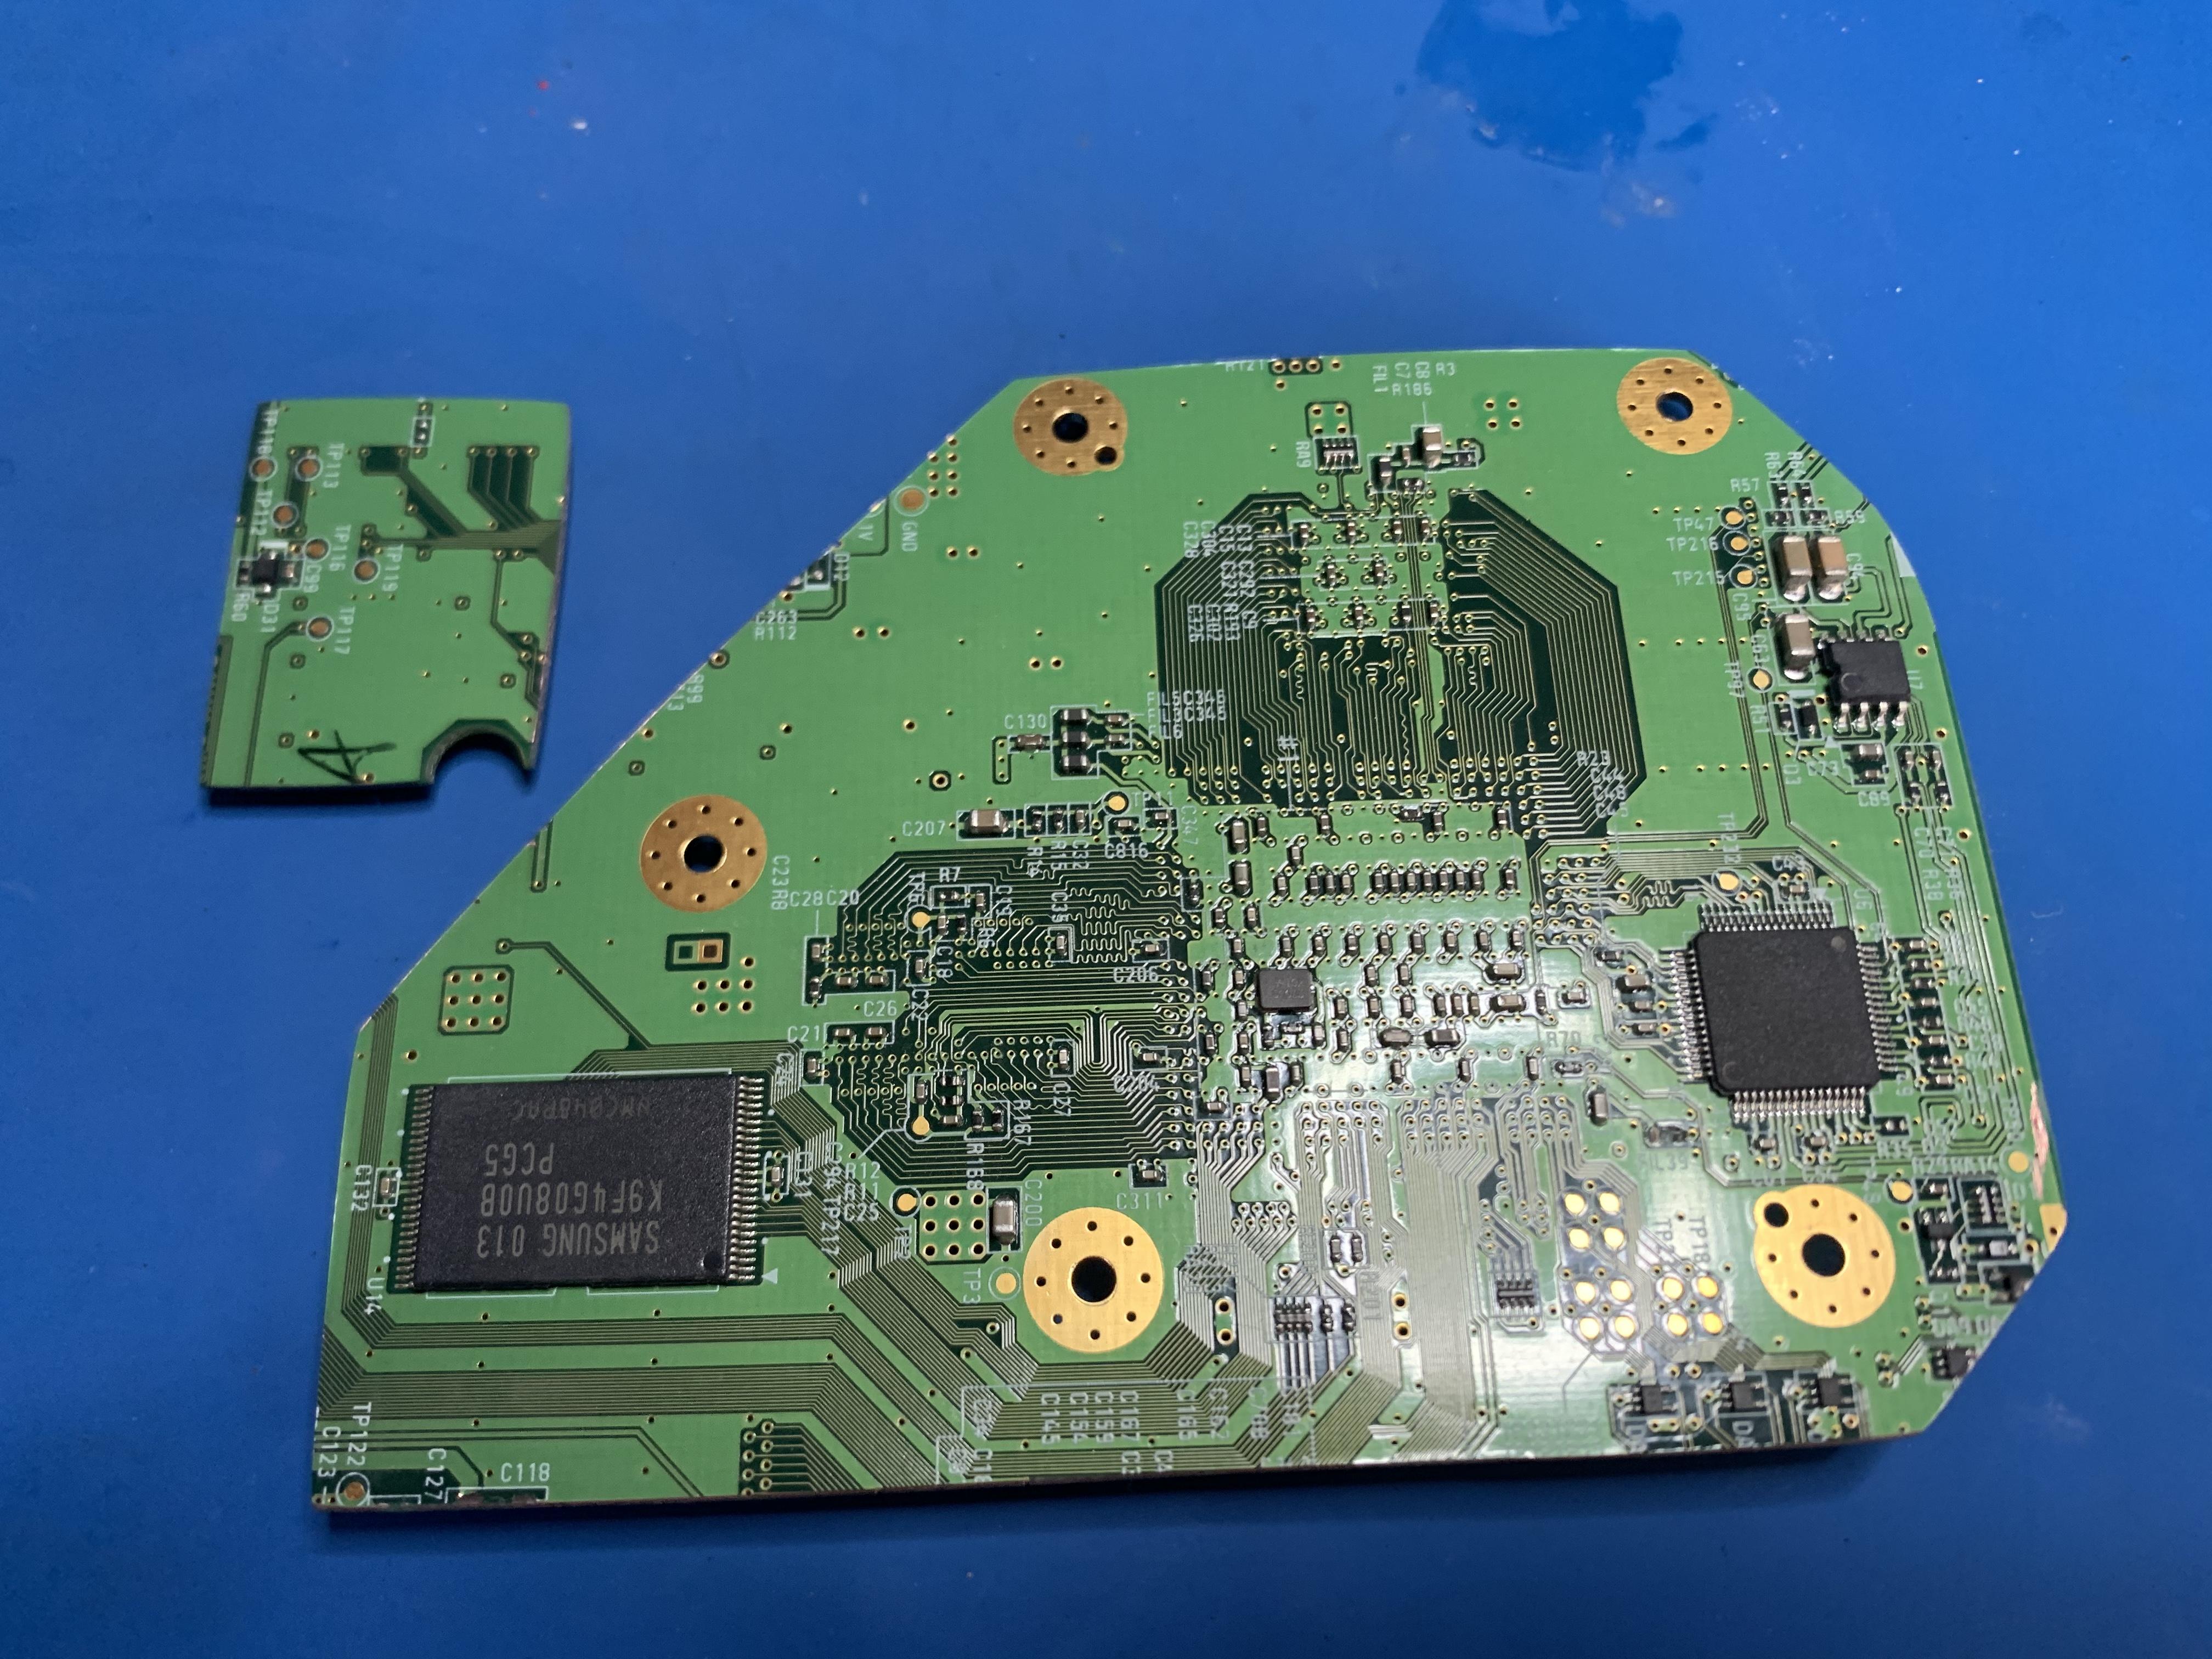 F681D0D9-7F85-436F-8026-2570C760450C.jpeg